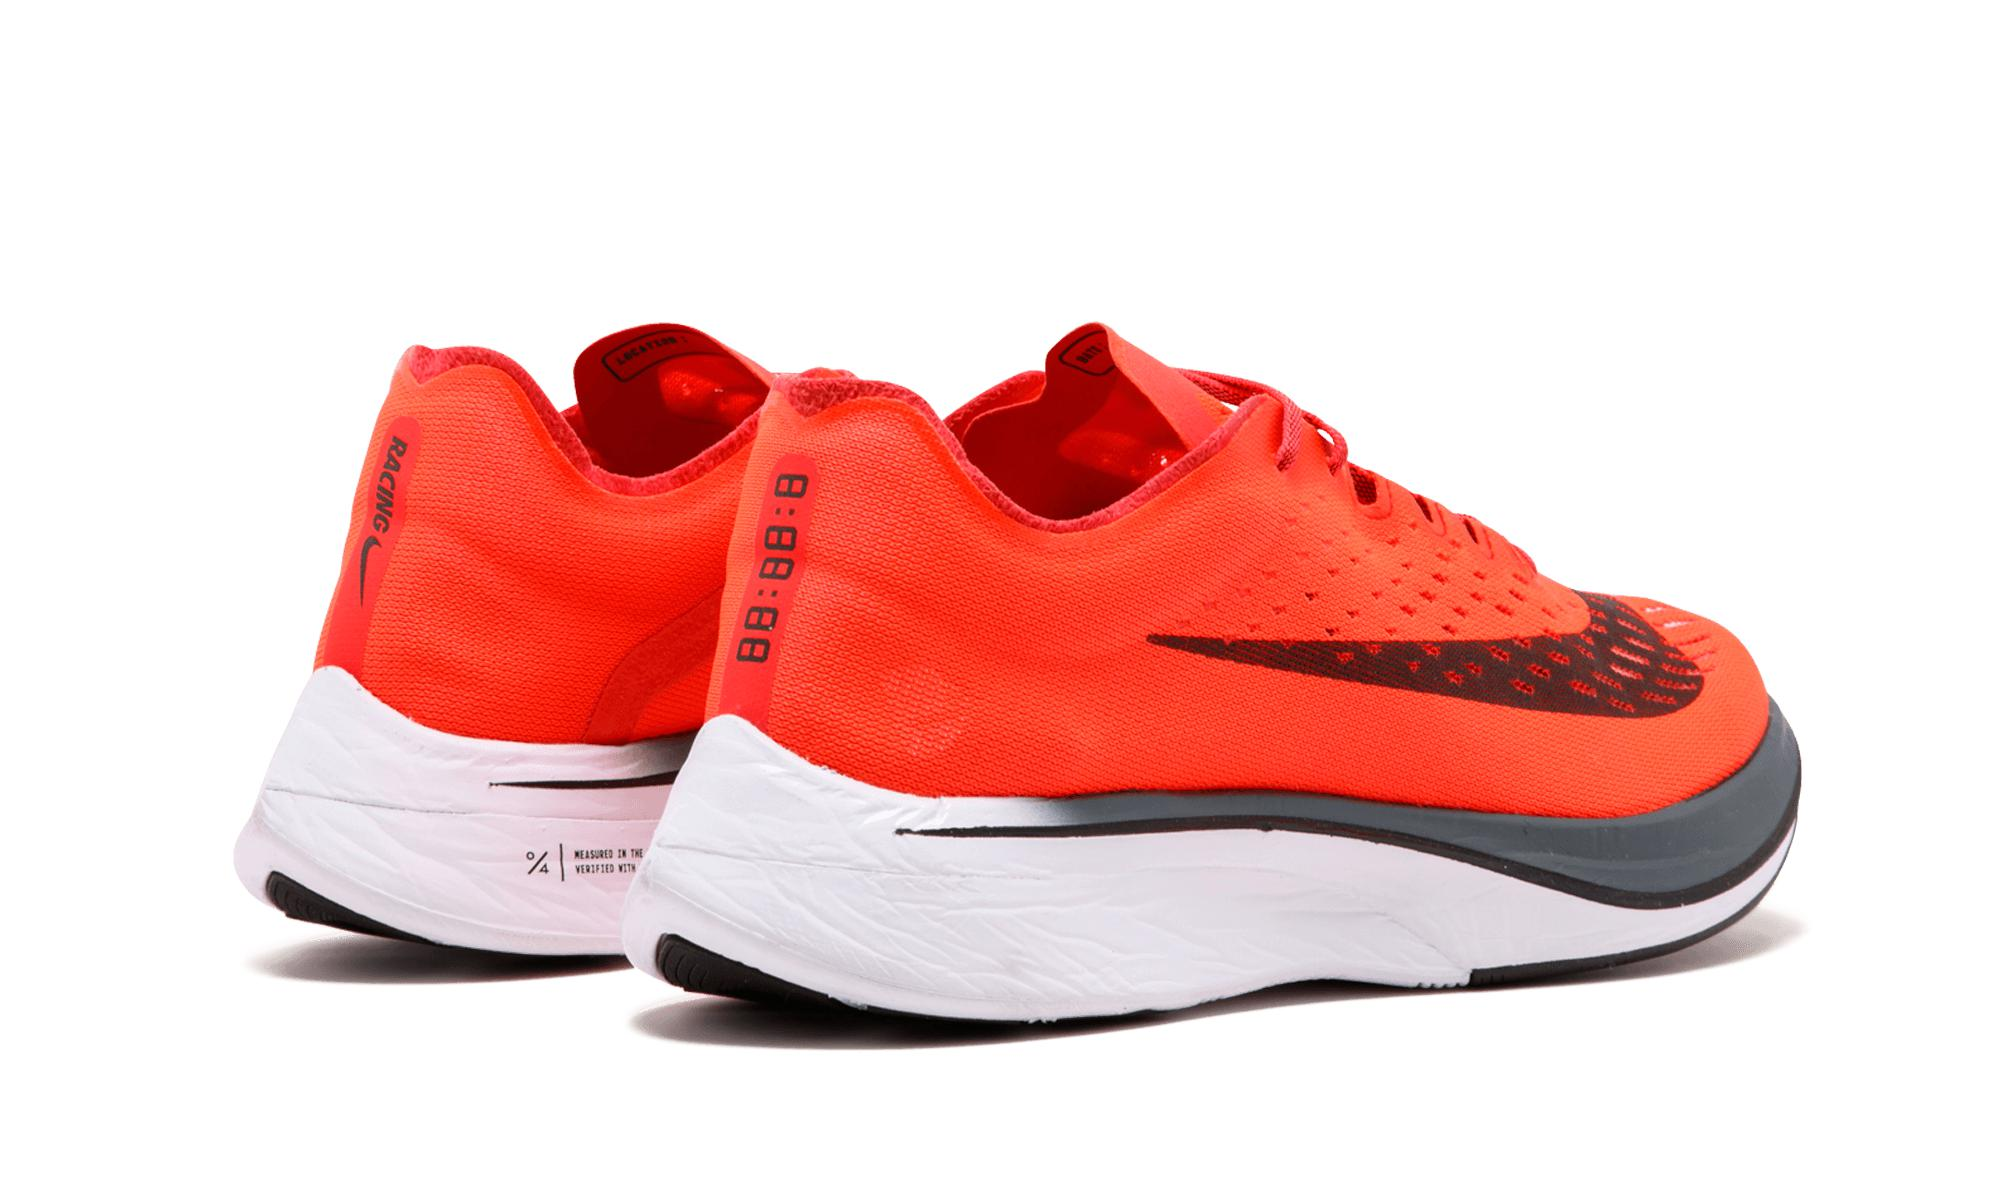 554f903d580b6 Nike - Red Zoom Vaporfly 4% for Men - Lyst. View fullscreen